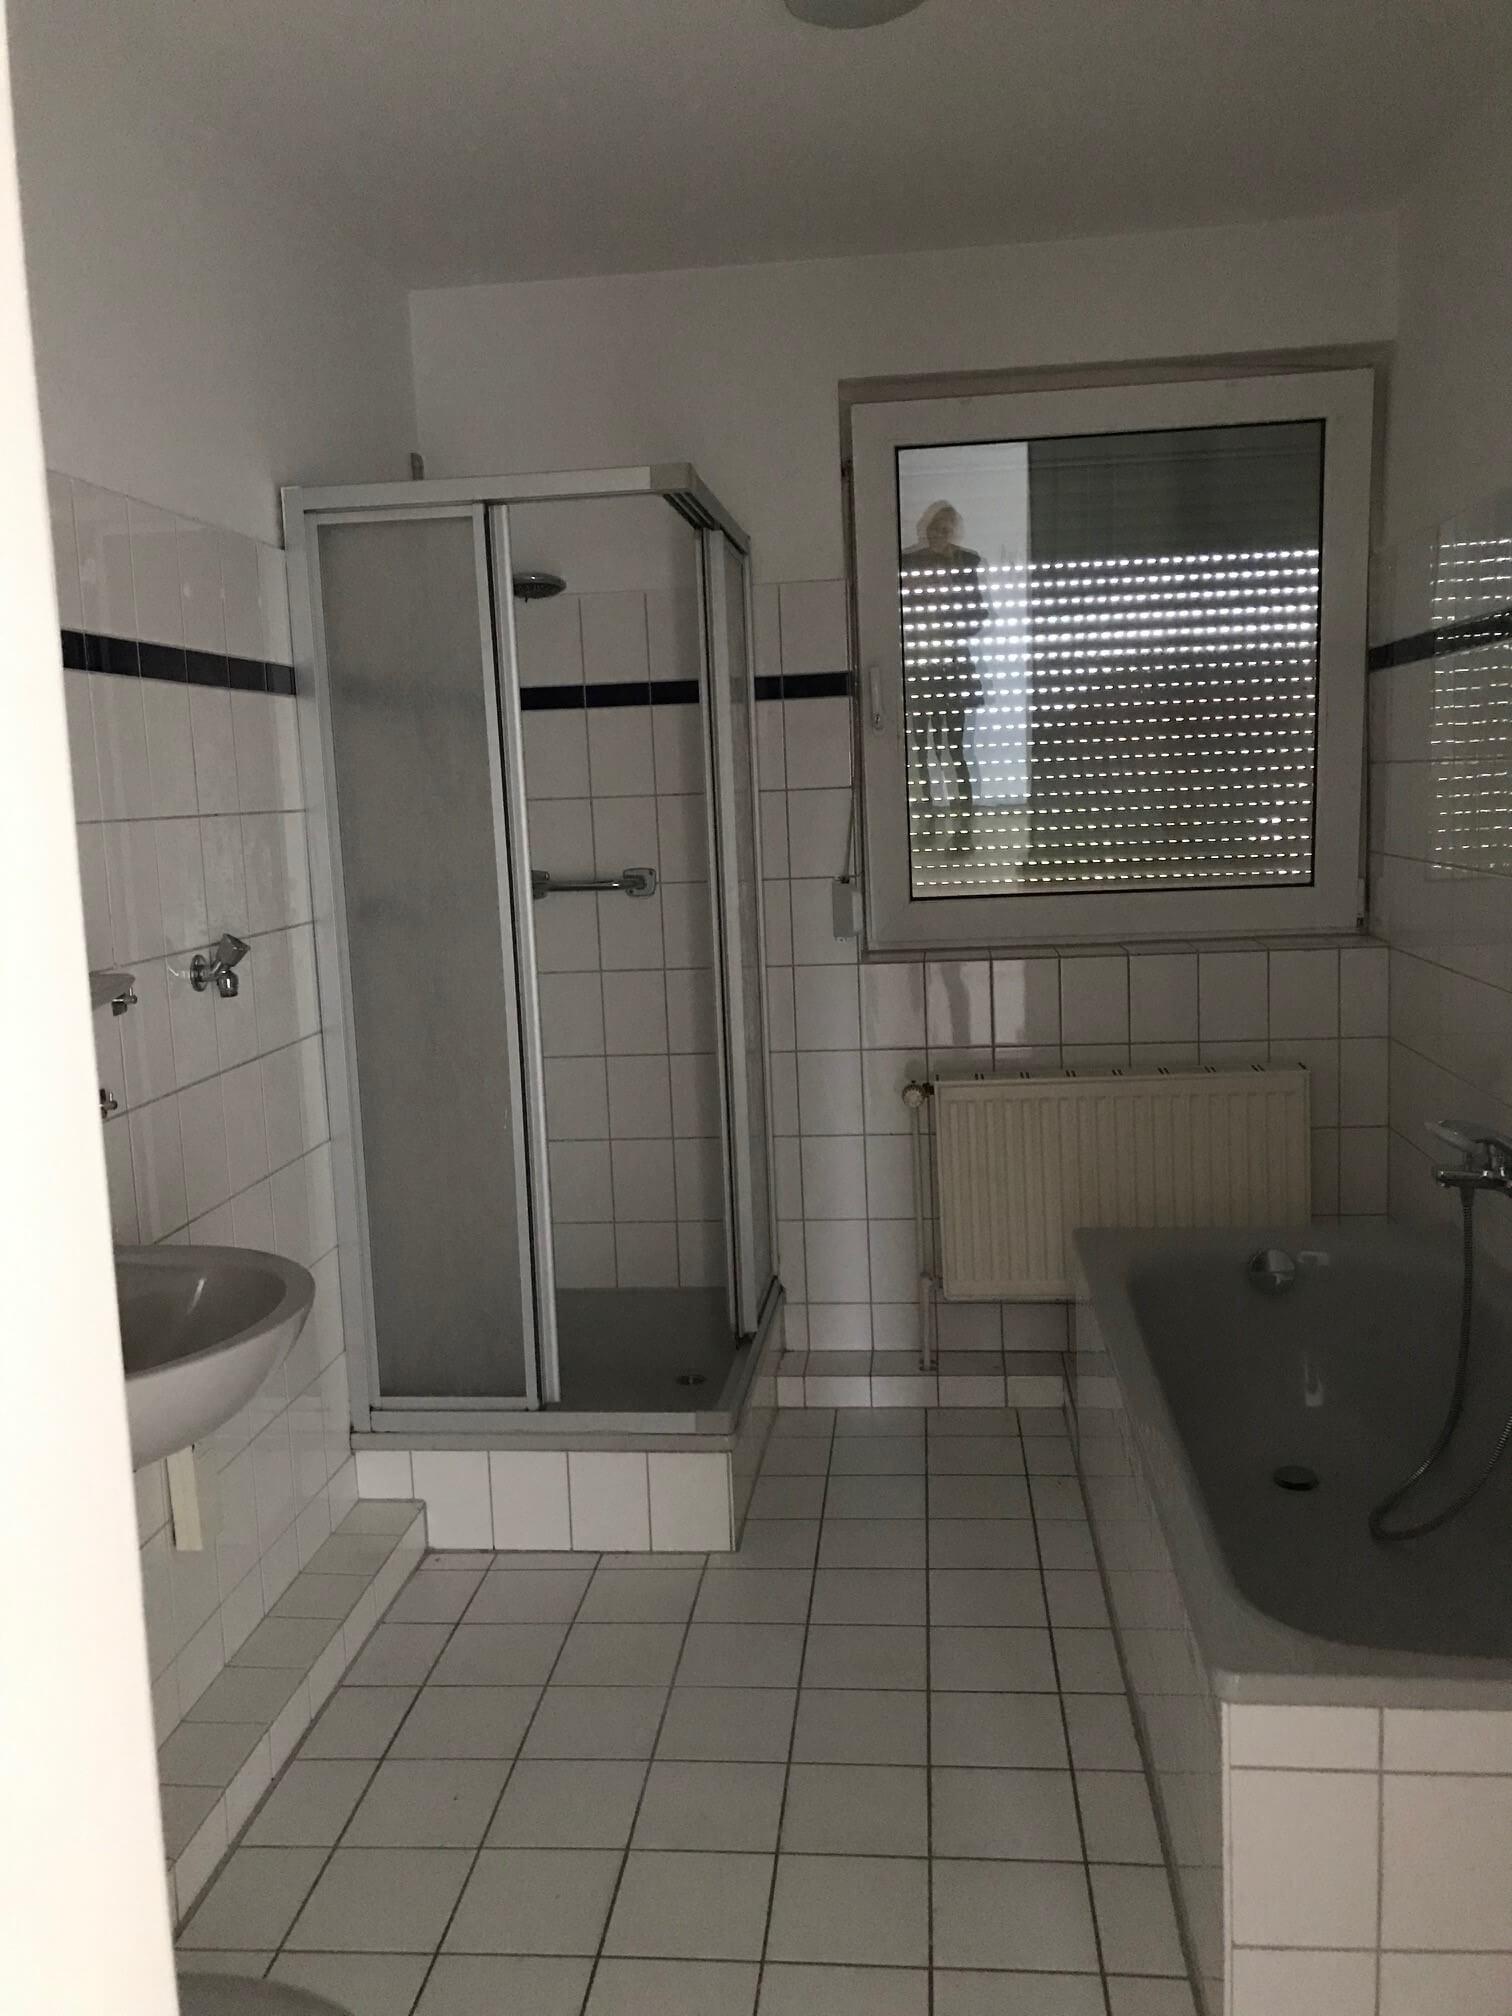 Wohnungsangebot zur Miete in Emden - Ligusterstr. 8 (8/8/8